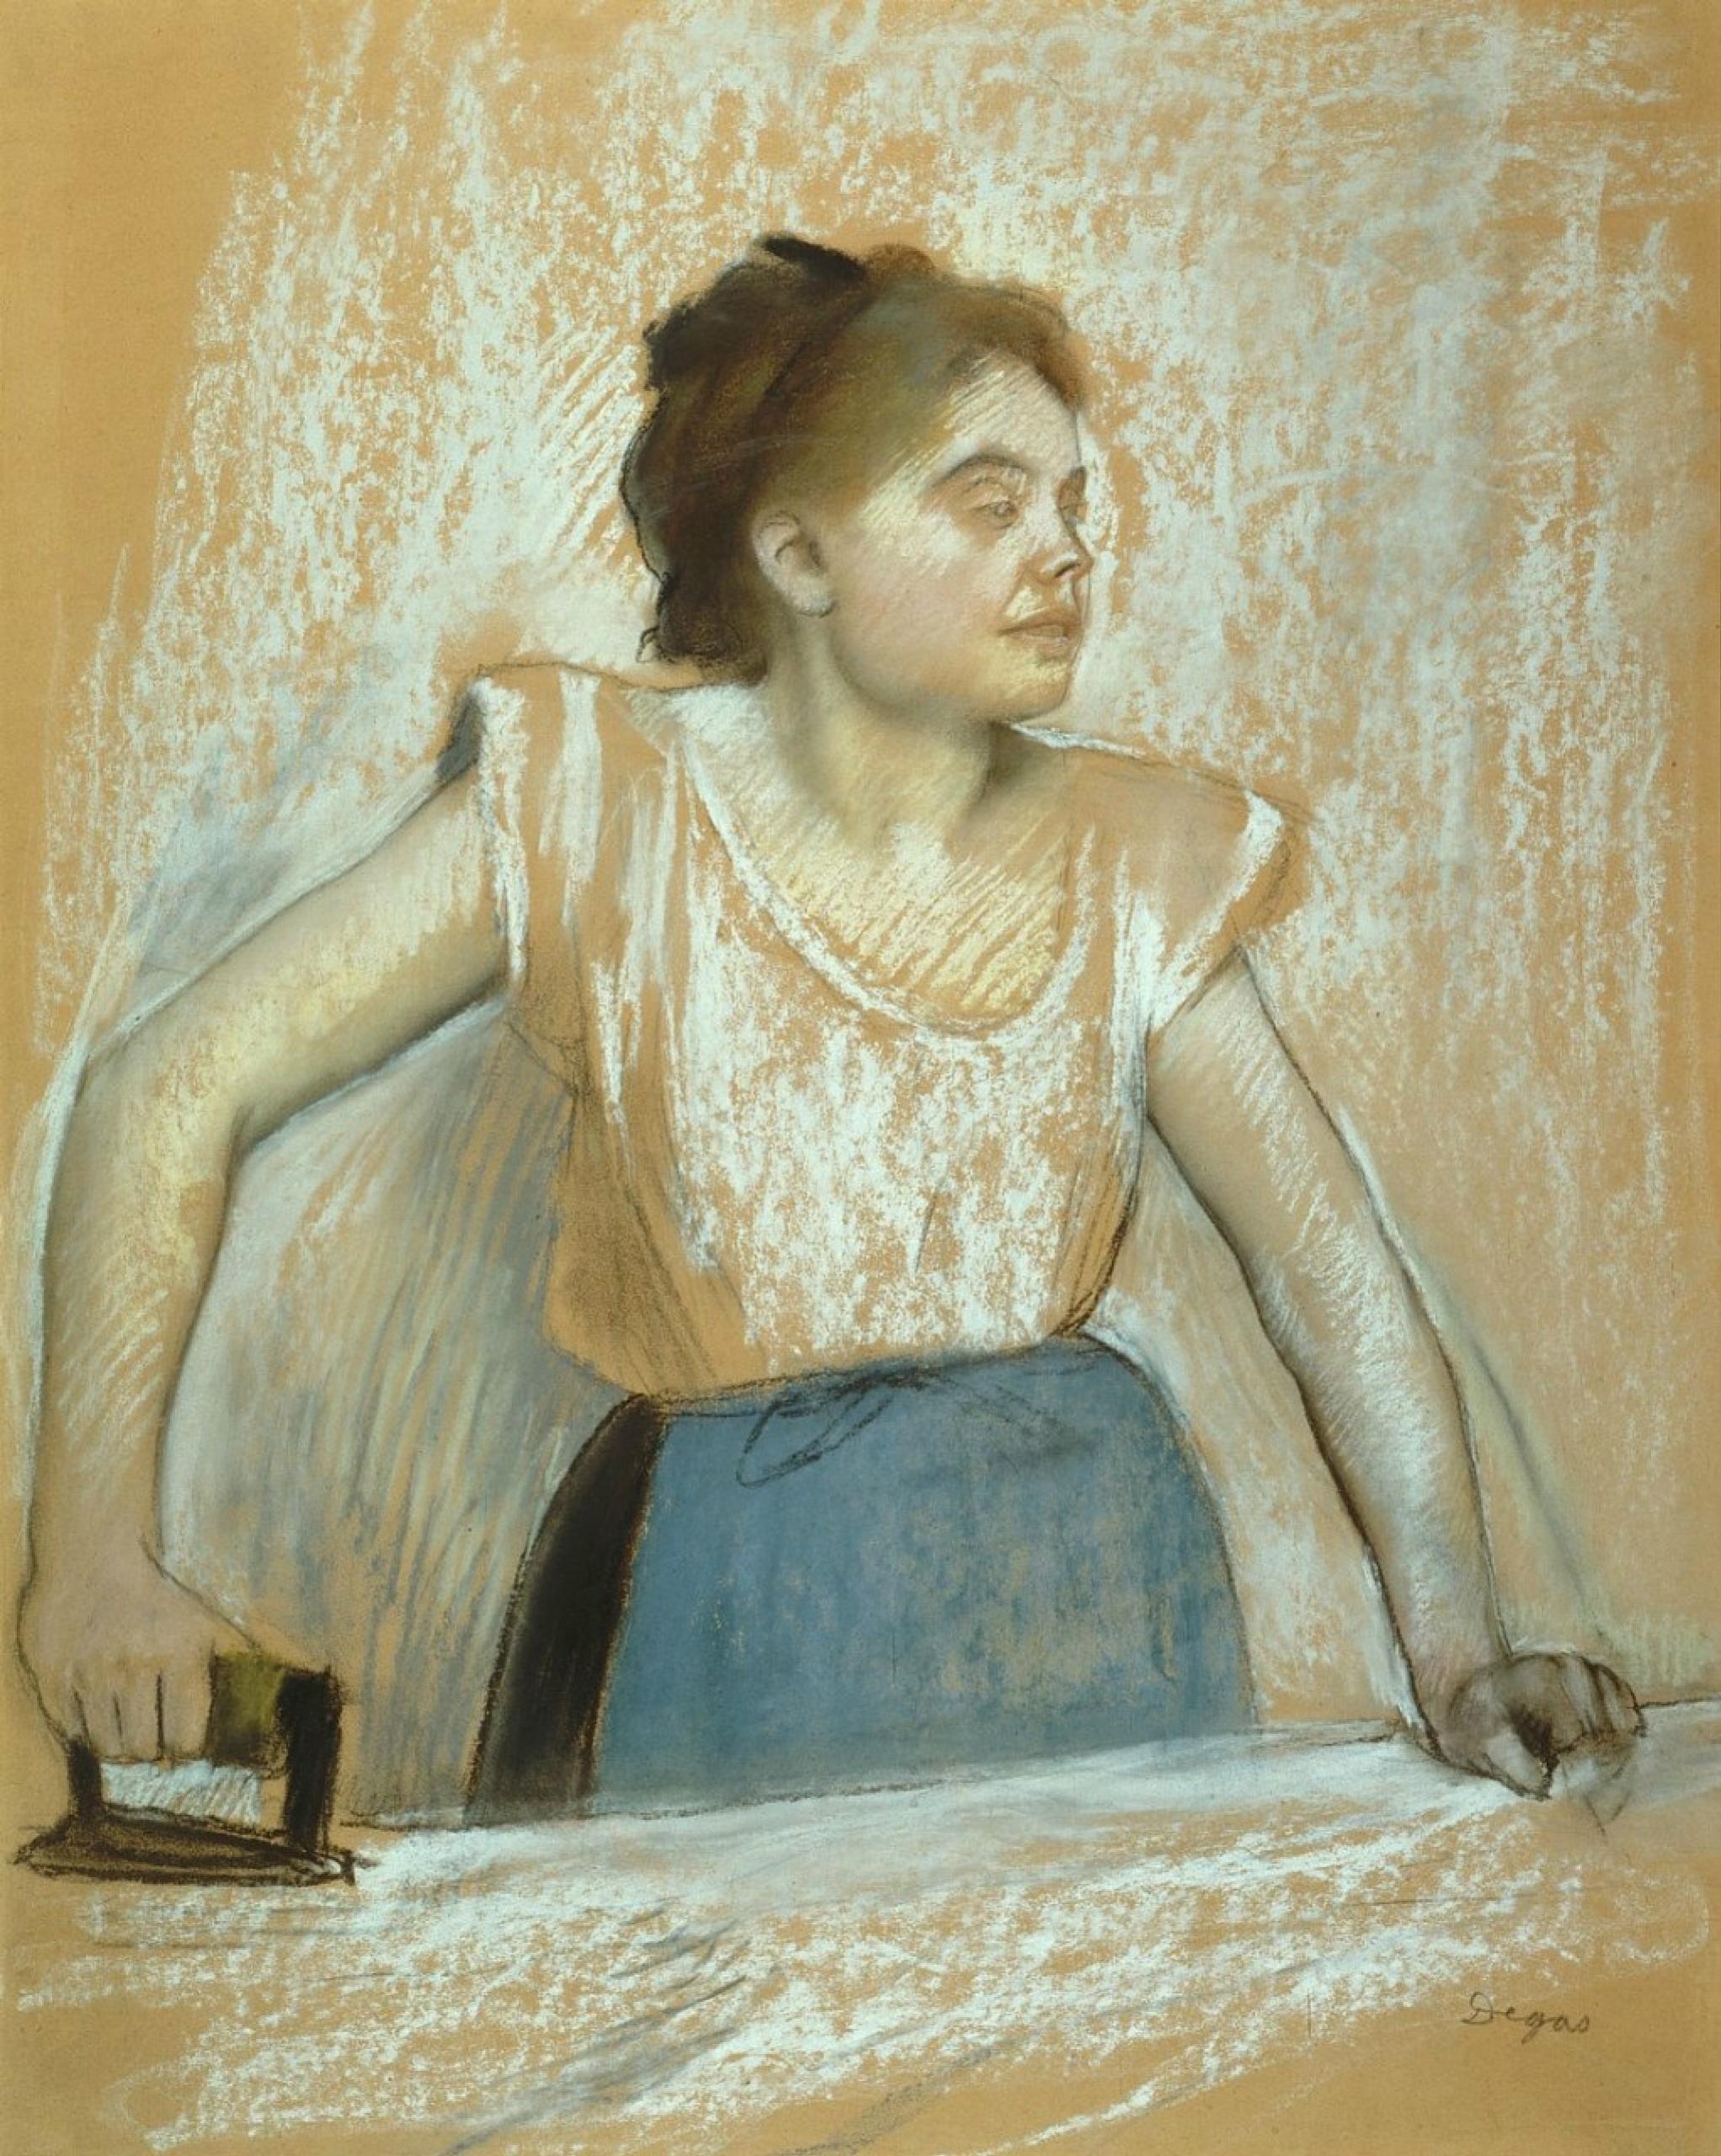 Edgar Degas Planchadora: Descripción de la obra